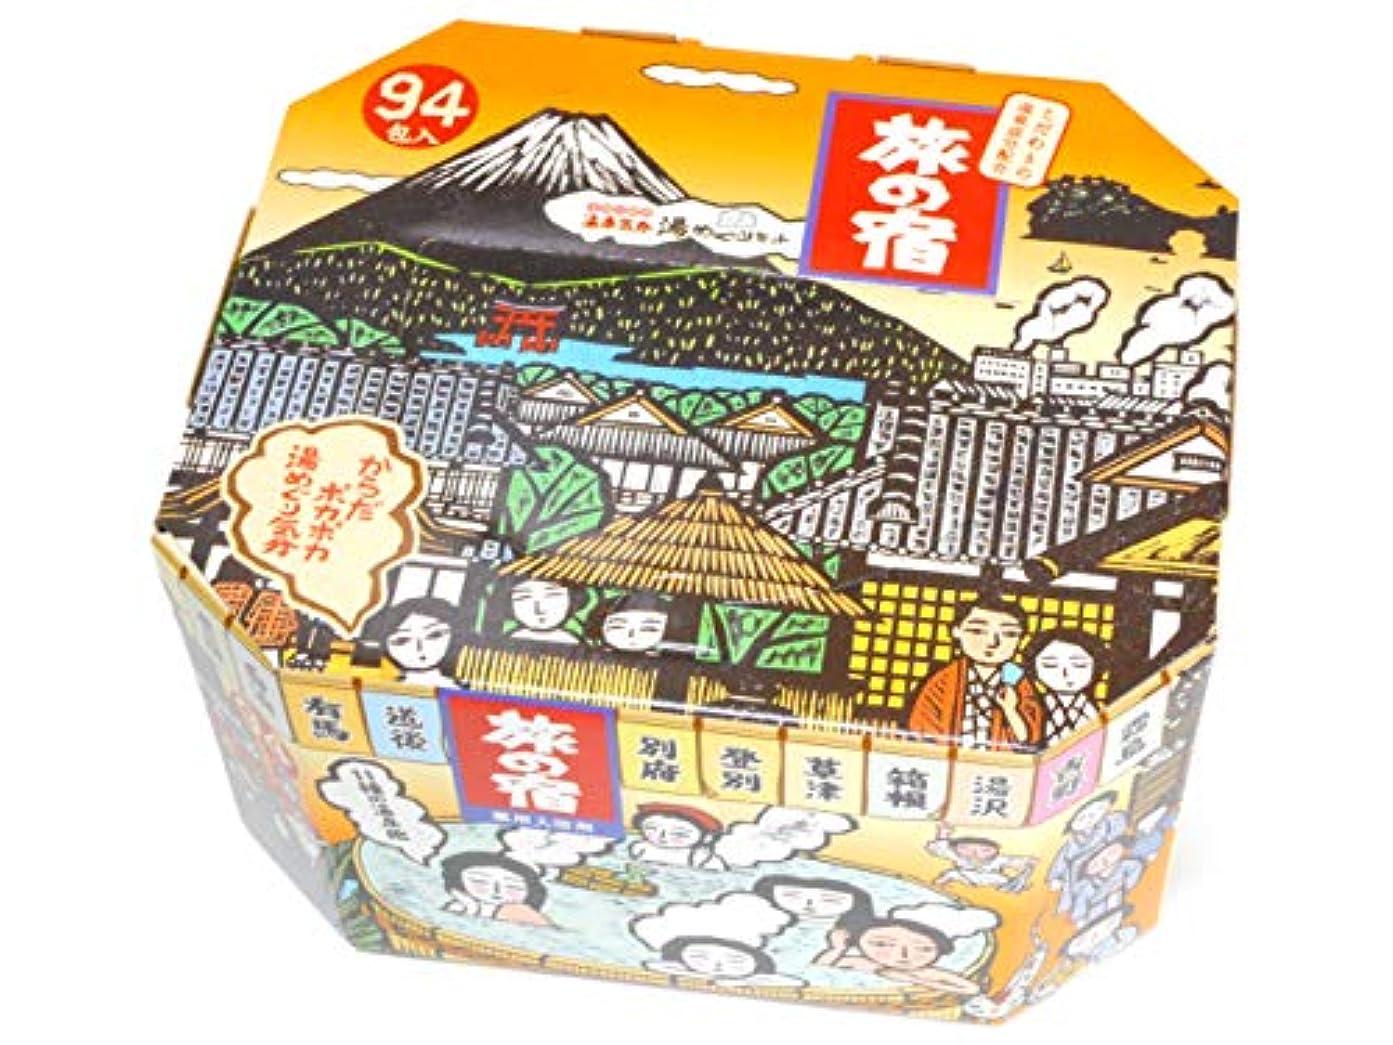 旅の宿(薬用入浴剤) (94包入)